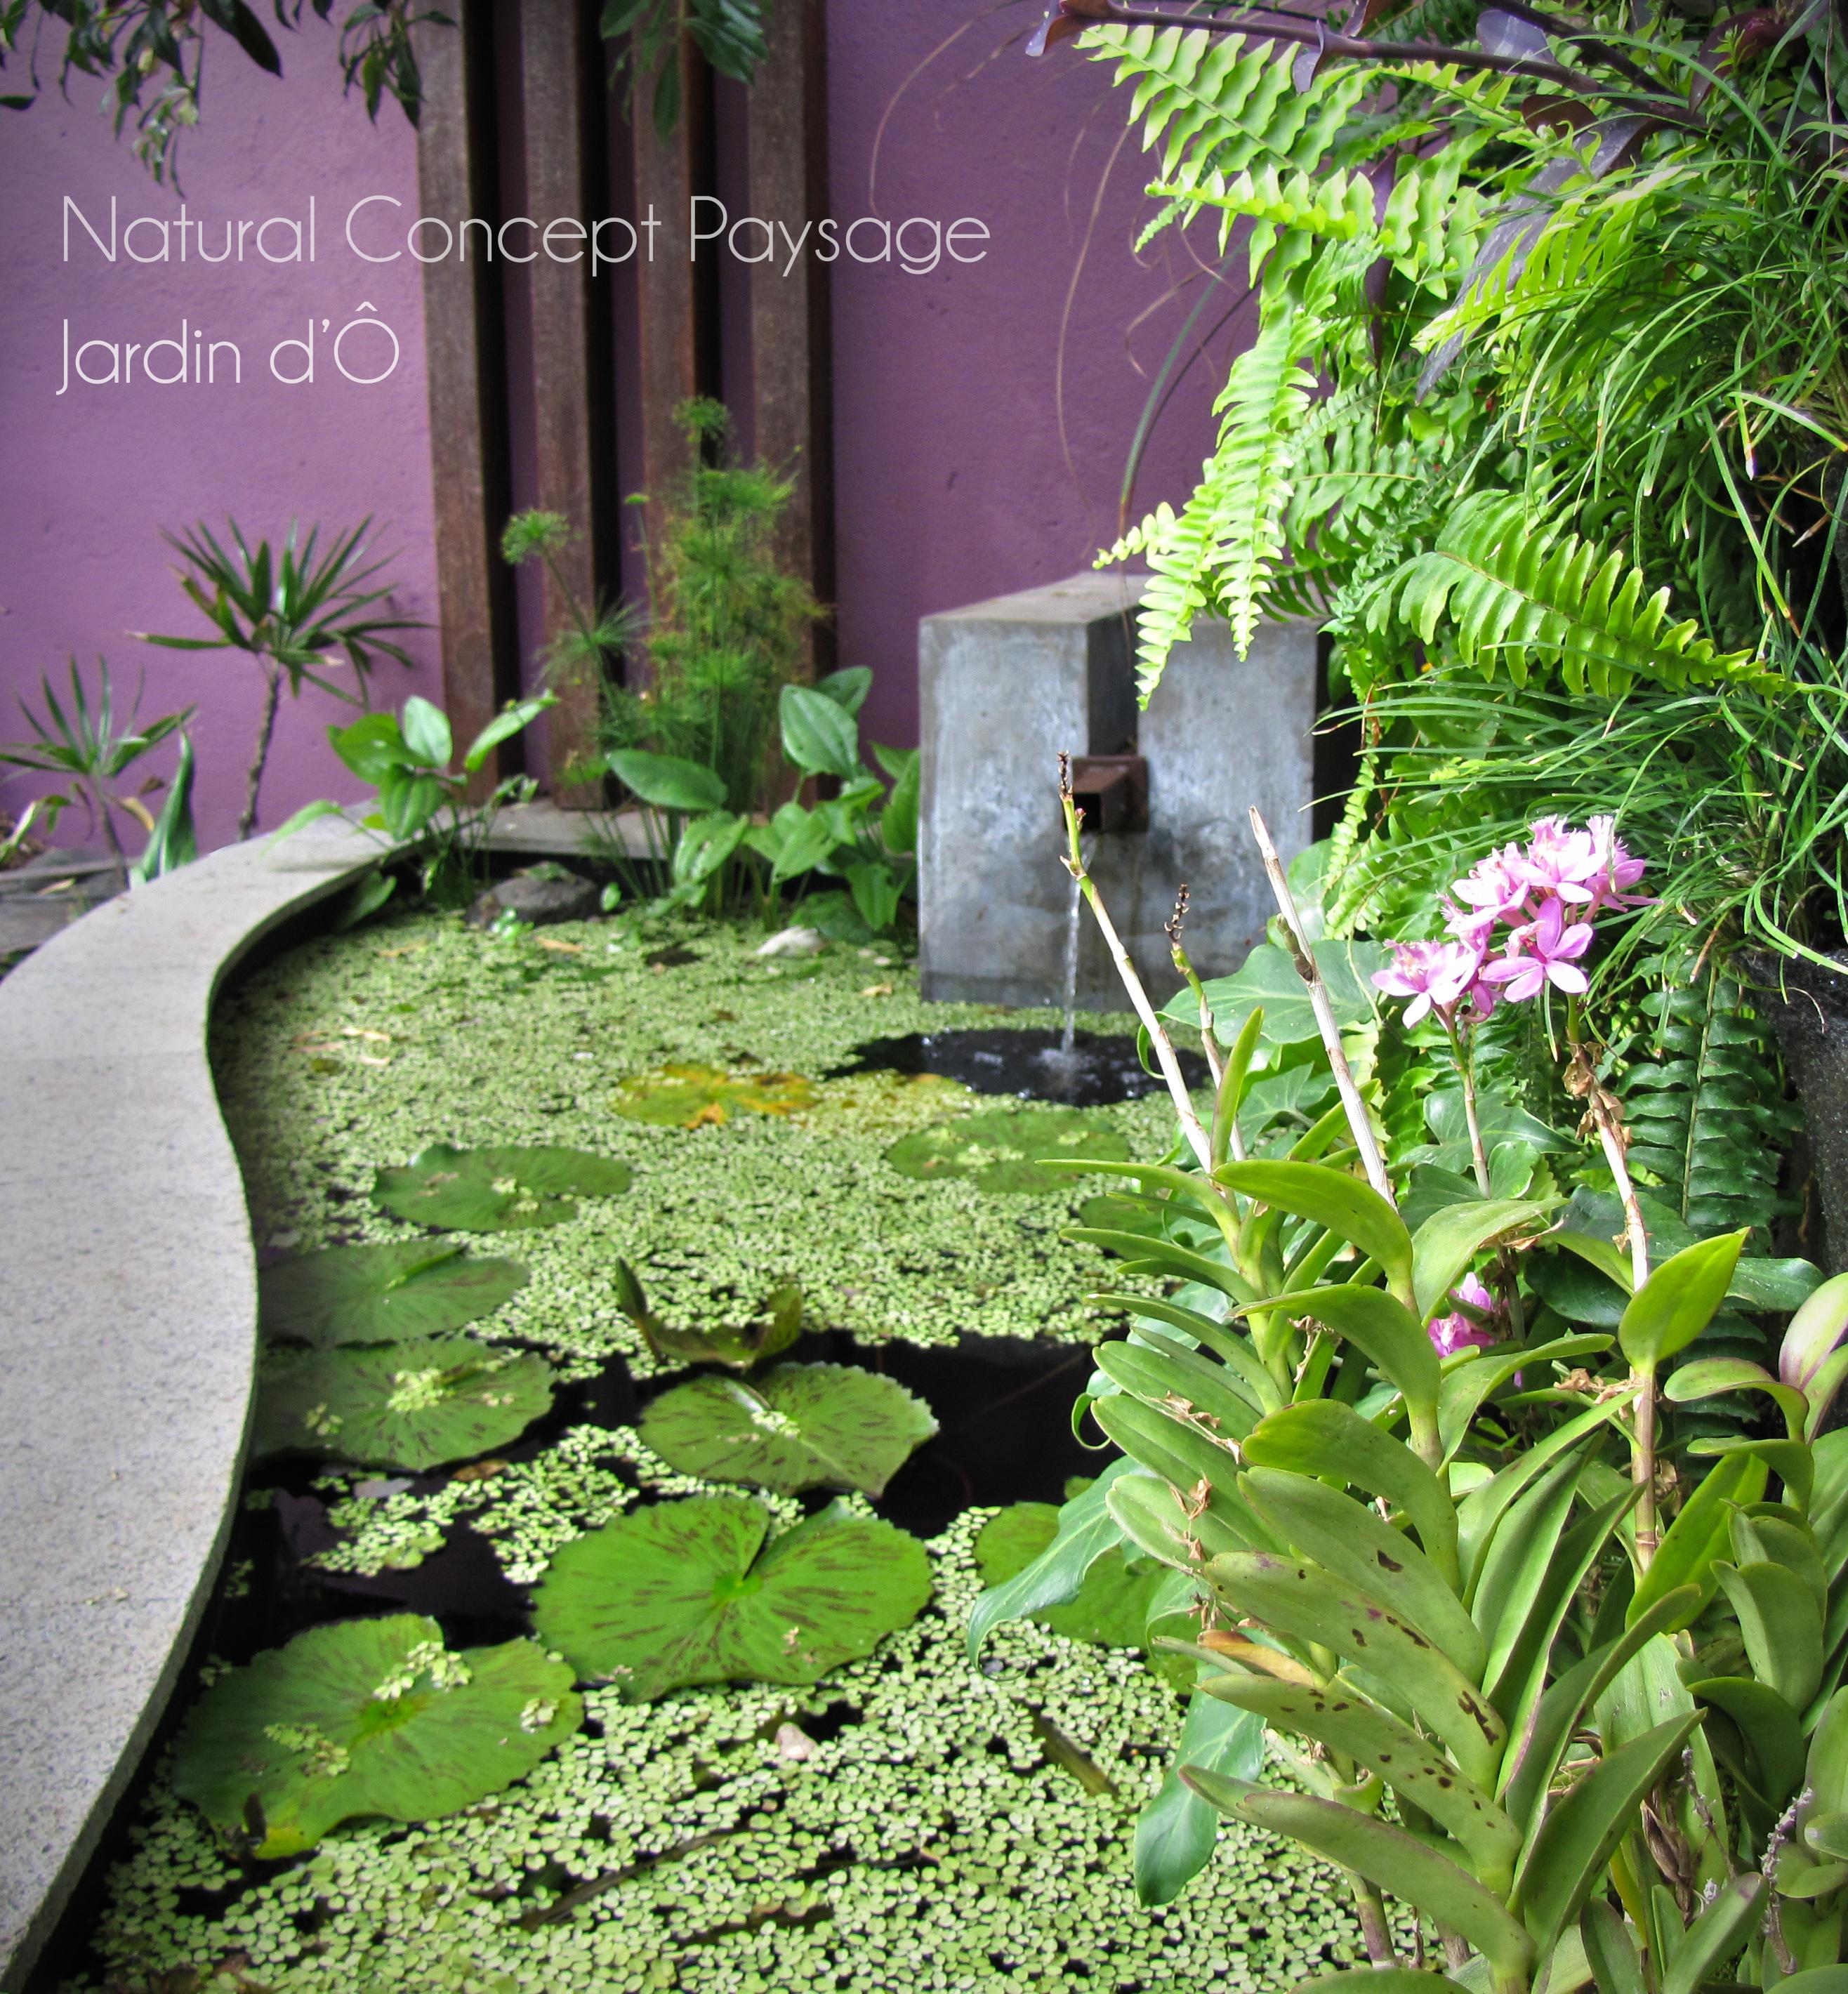 Bassin natural concept paysage jardin d paysagiste for Paysage jardin